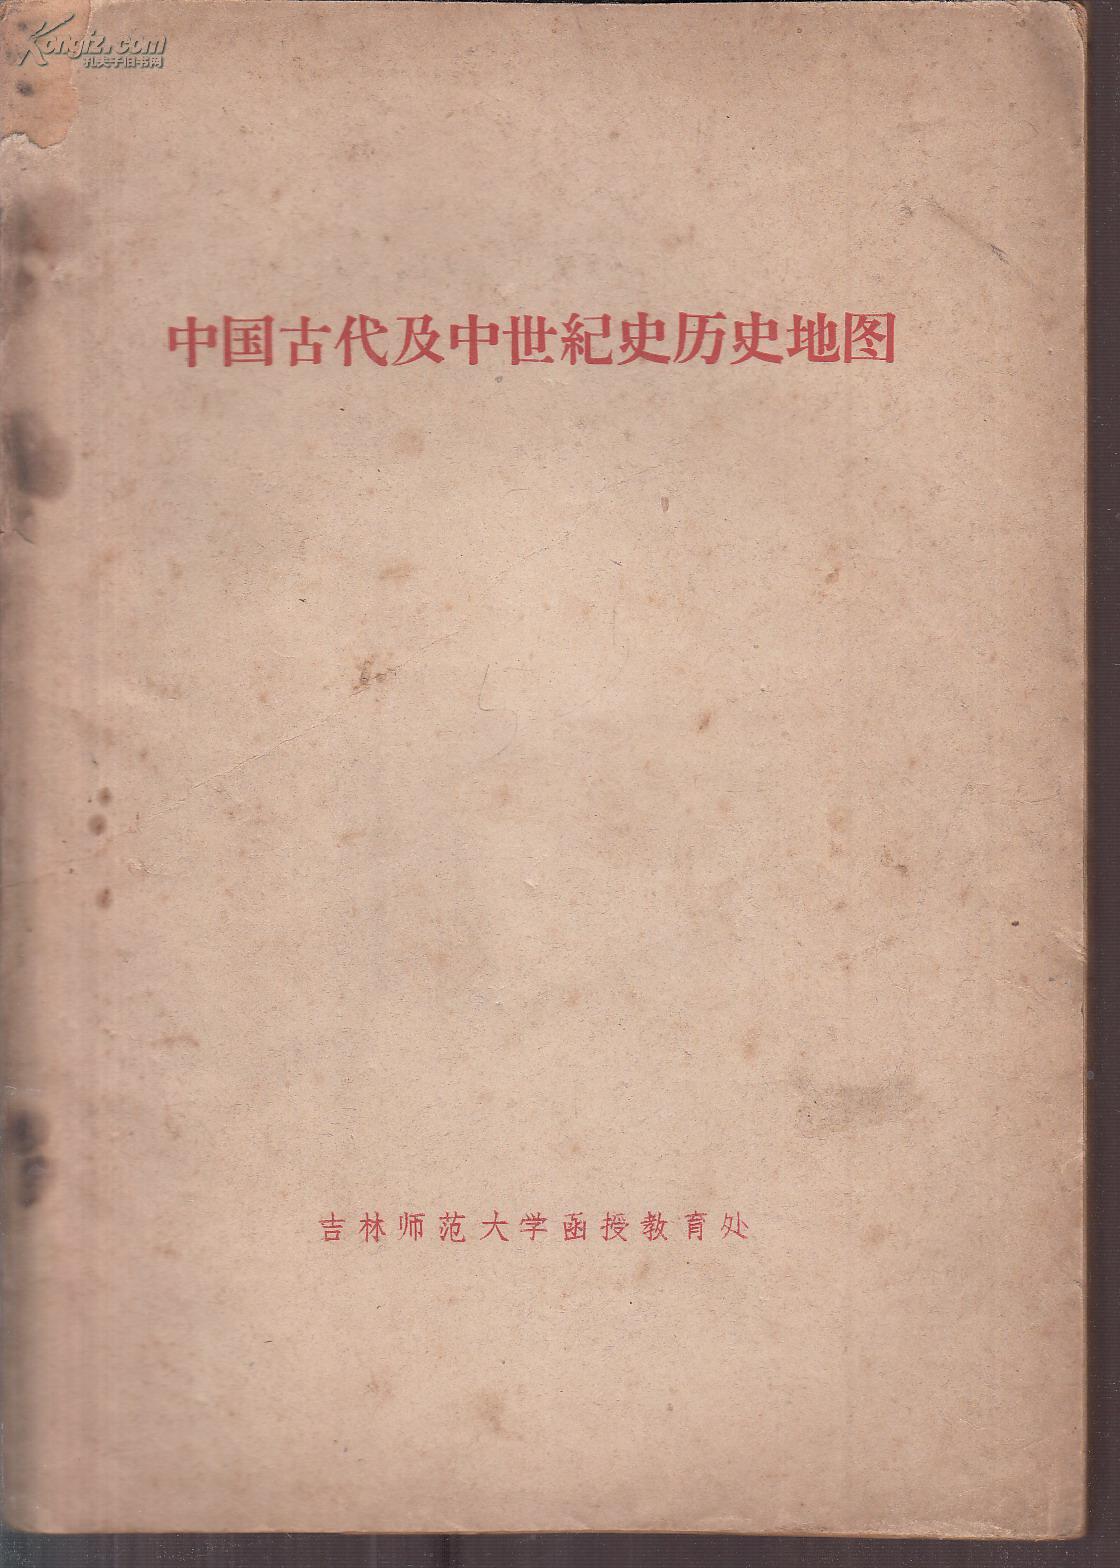 【图】中国古代及中世纪史历史地图